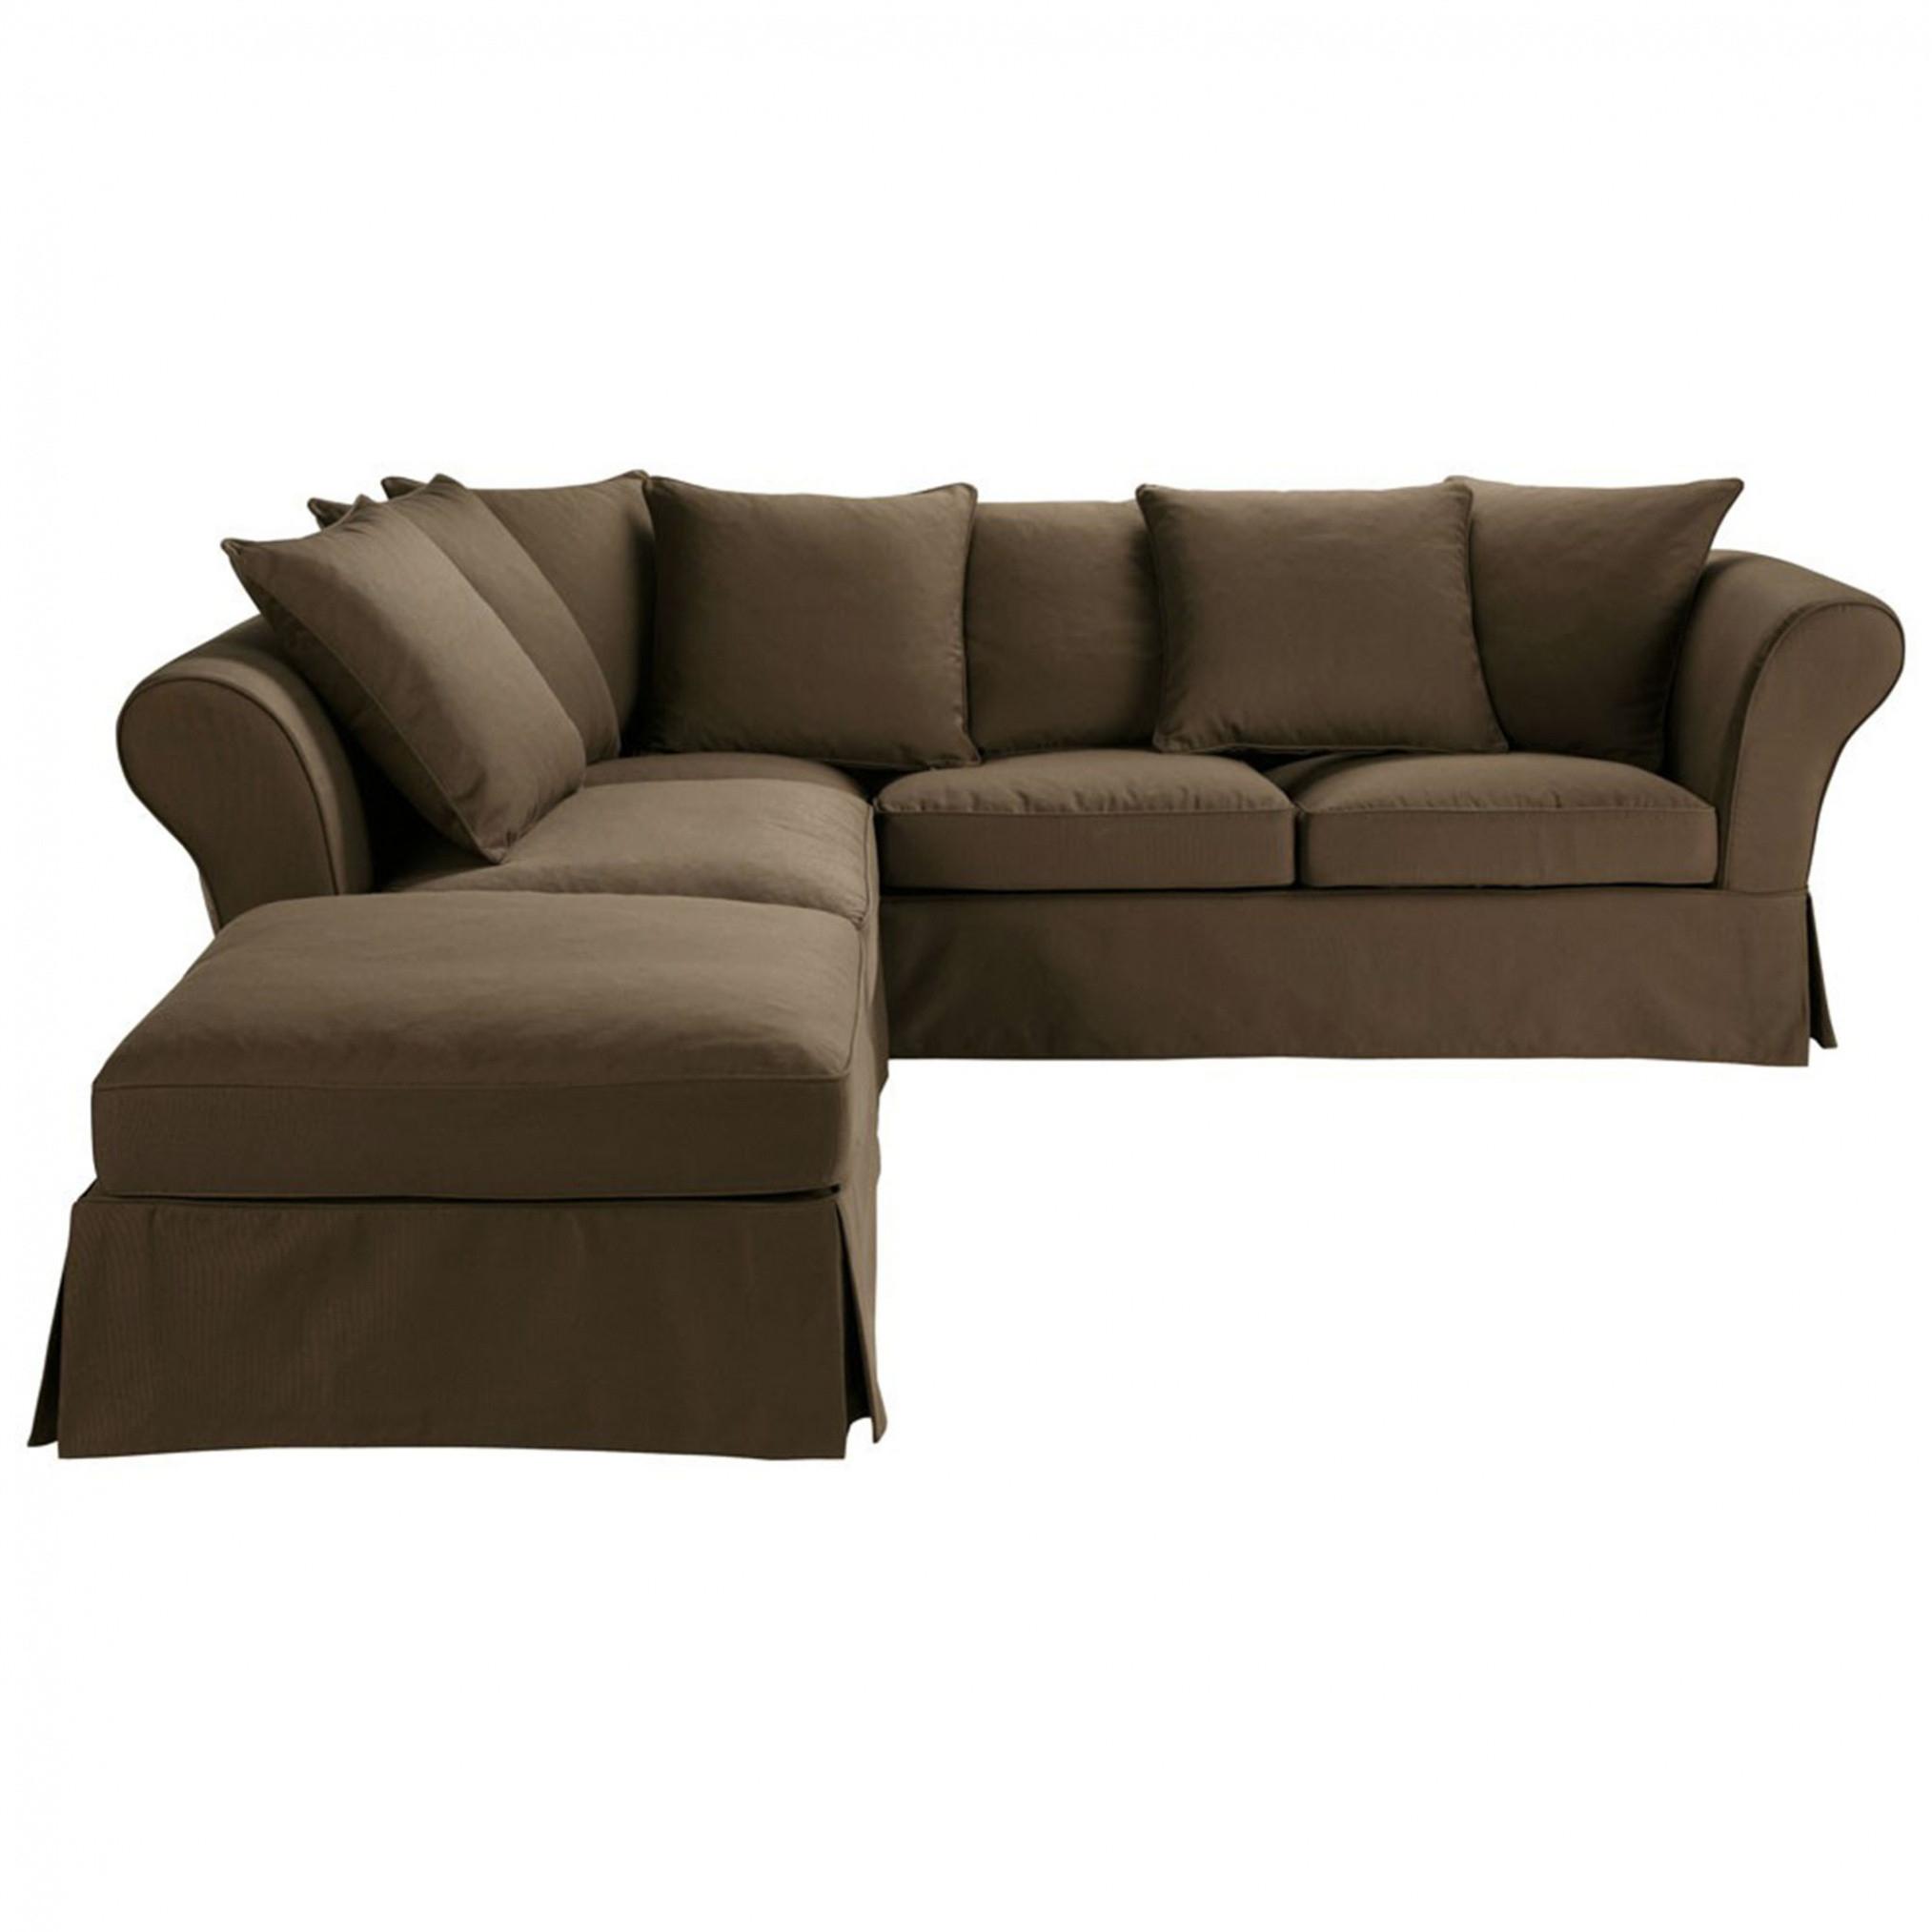 Ikea Canapé D Angle Convertible Luxe Photos La Charmant Choisir Un Canapé Conception  Perfectionner La G Te